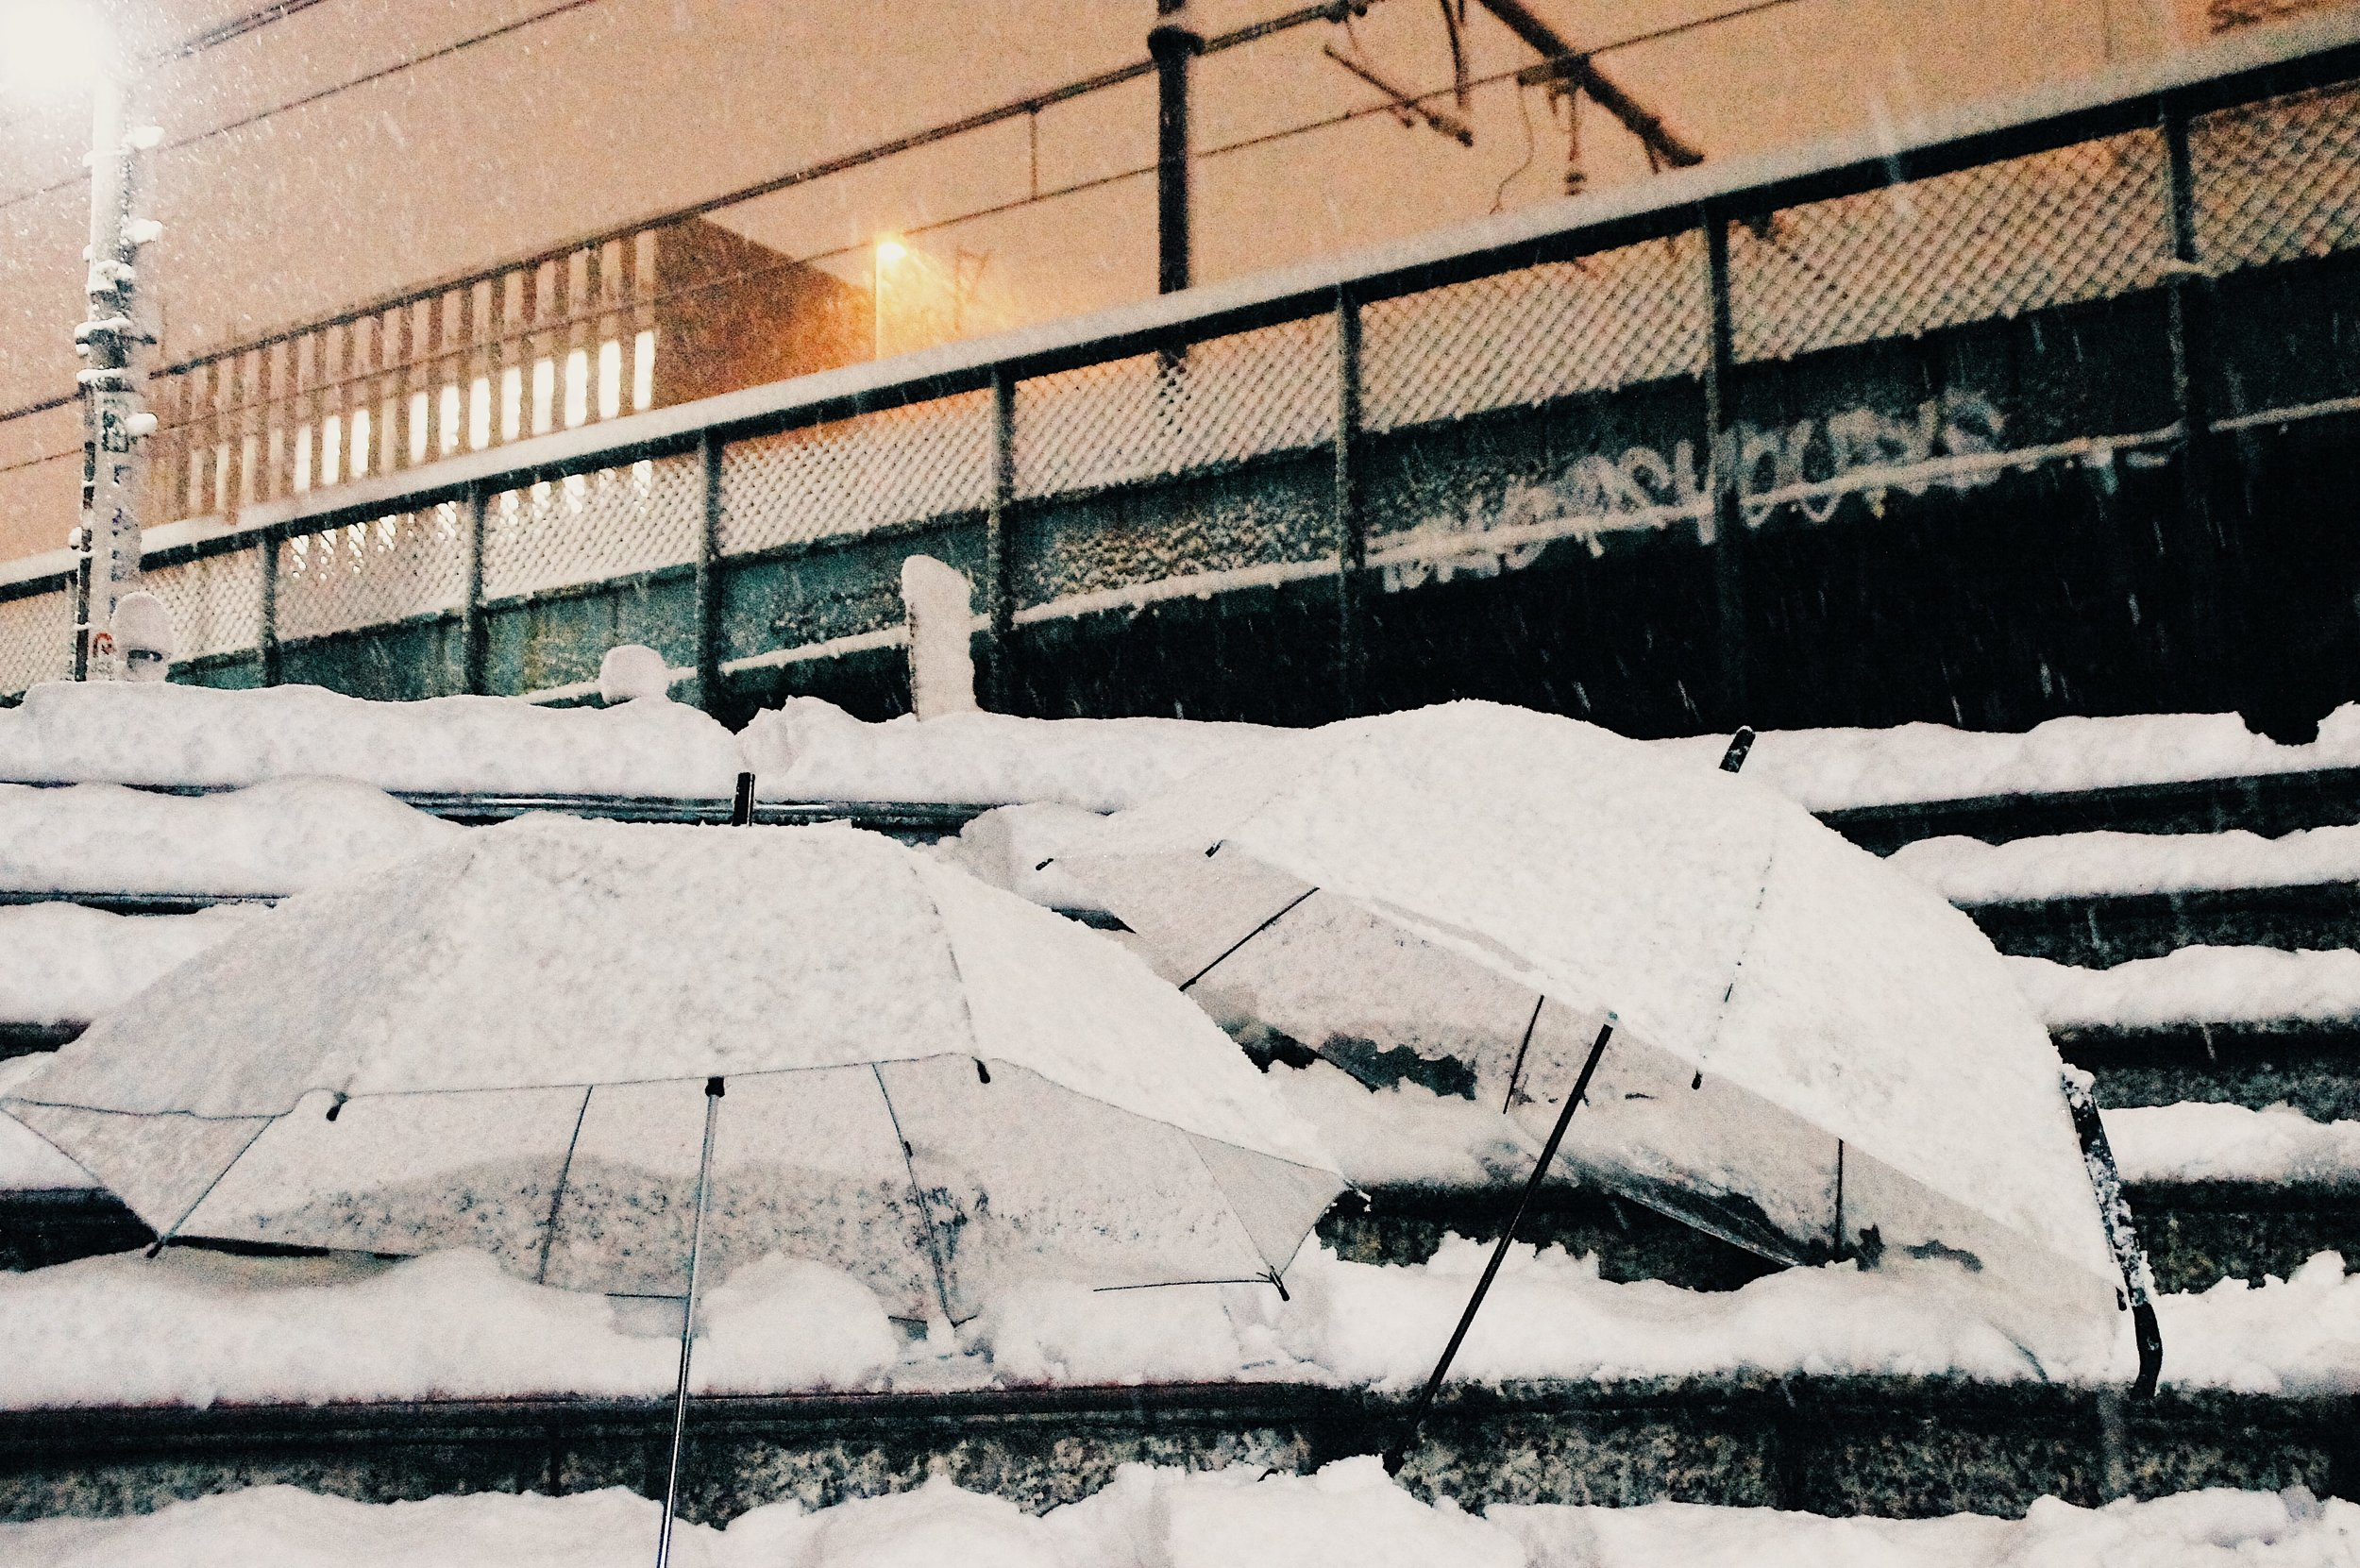 大雪の中で冒険してみたり